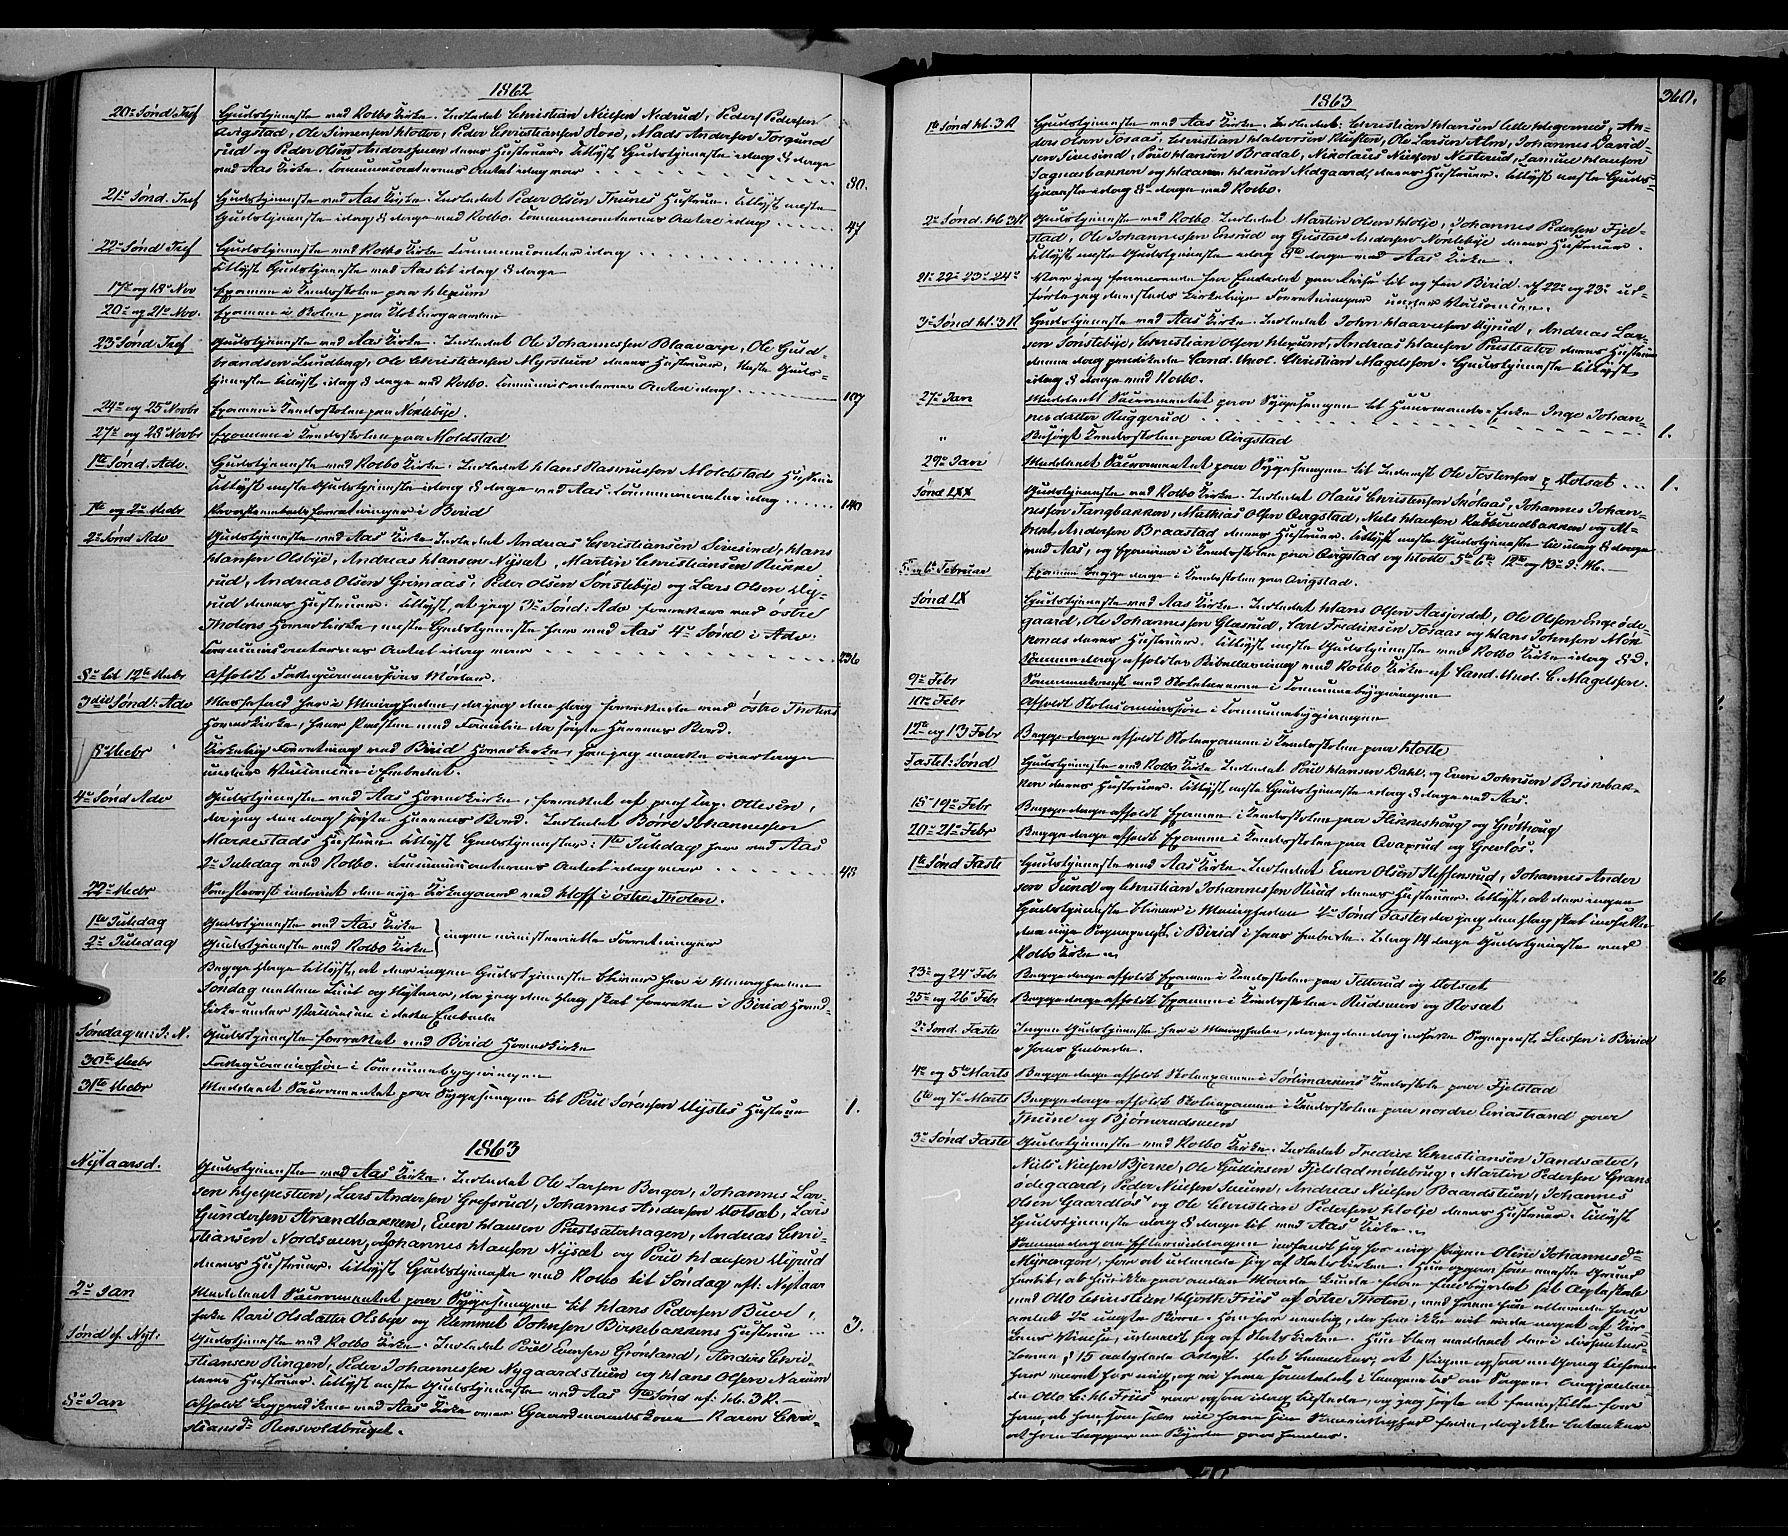 SAH, Vestre Toten prestekontor, Ministerialbok nr. 7, 1862-1869, s. 360